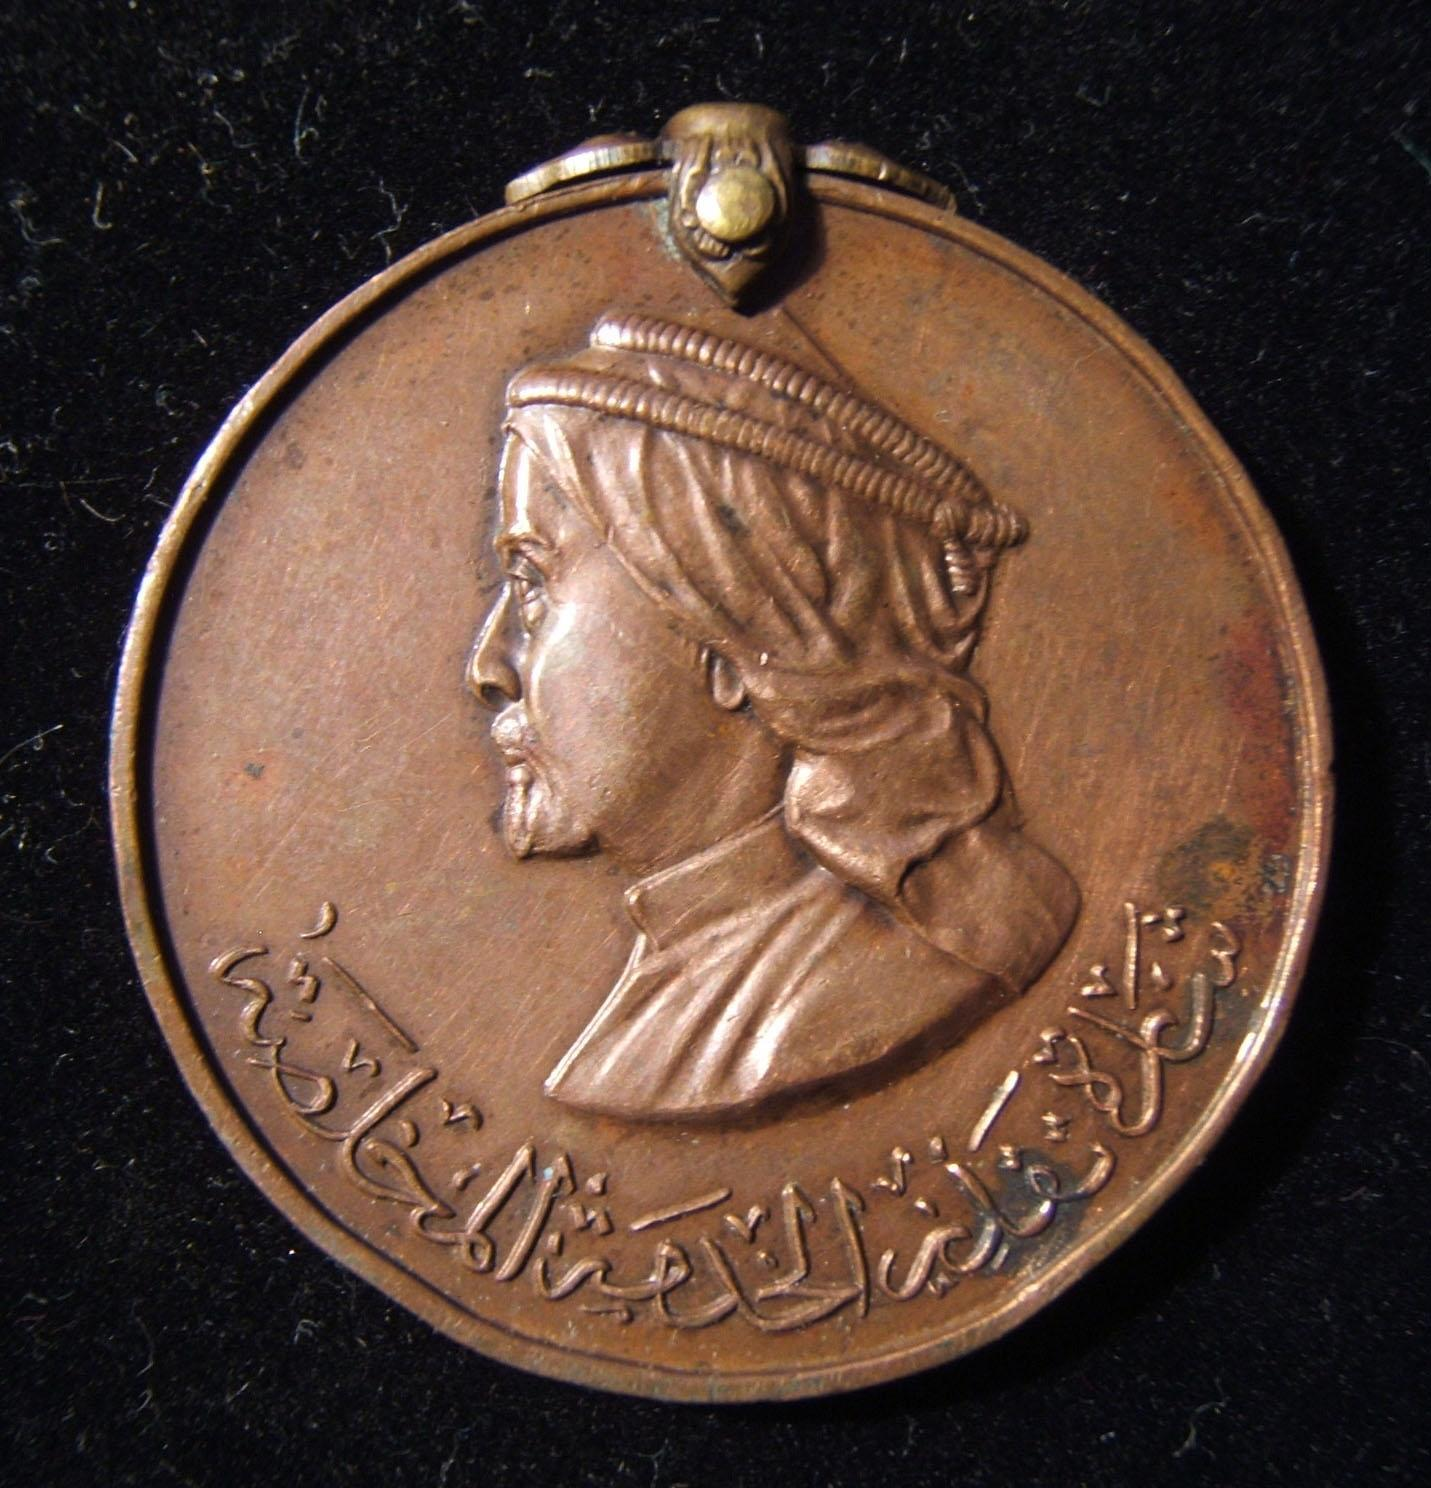 ميدالية عسكرية طويلة وأمين مخلصة عبر الأردن